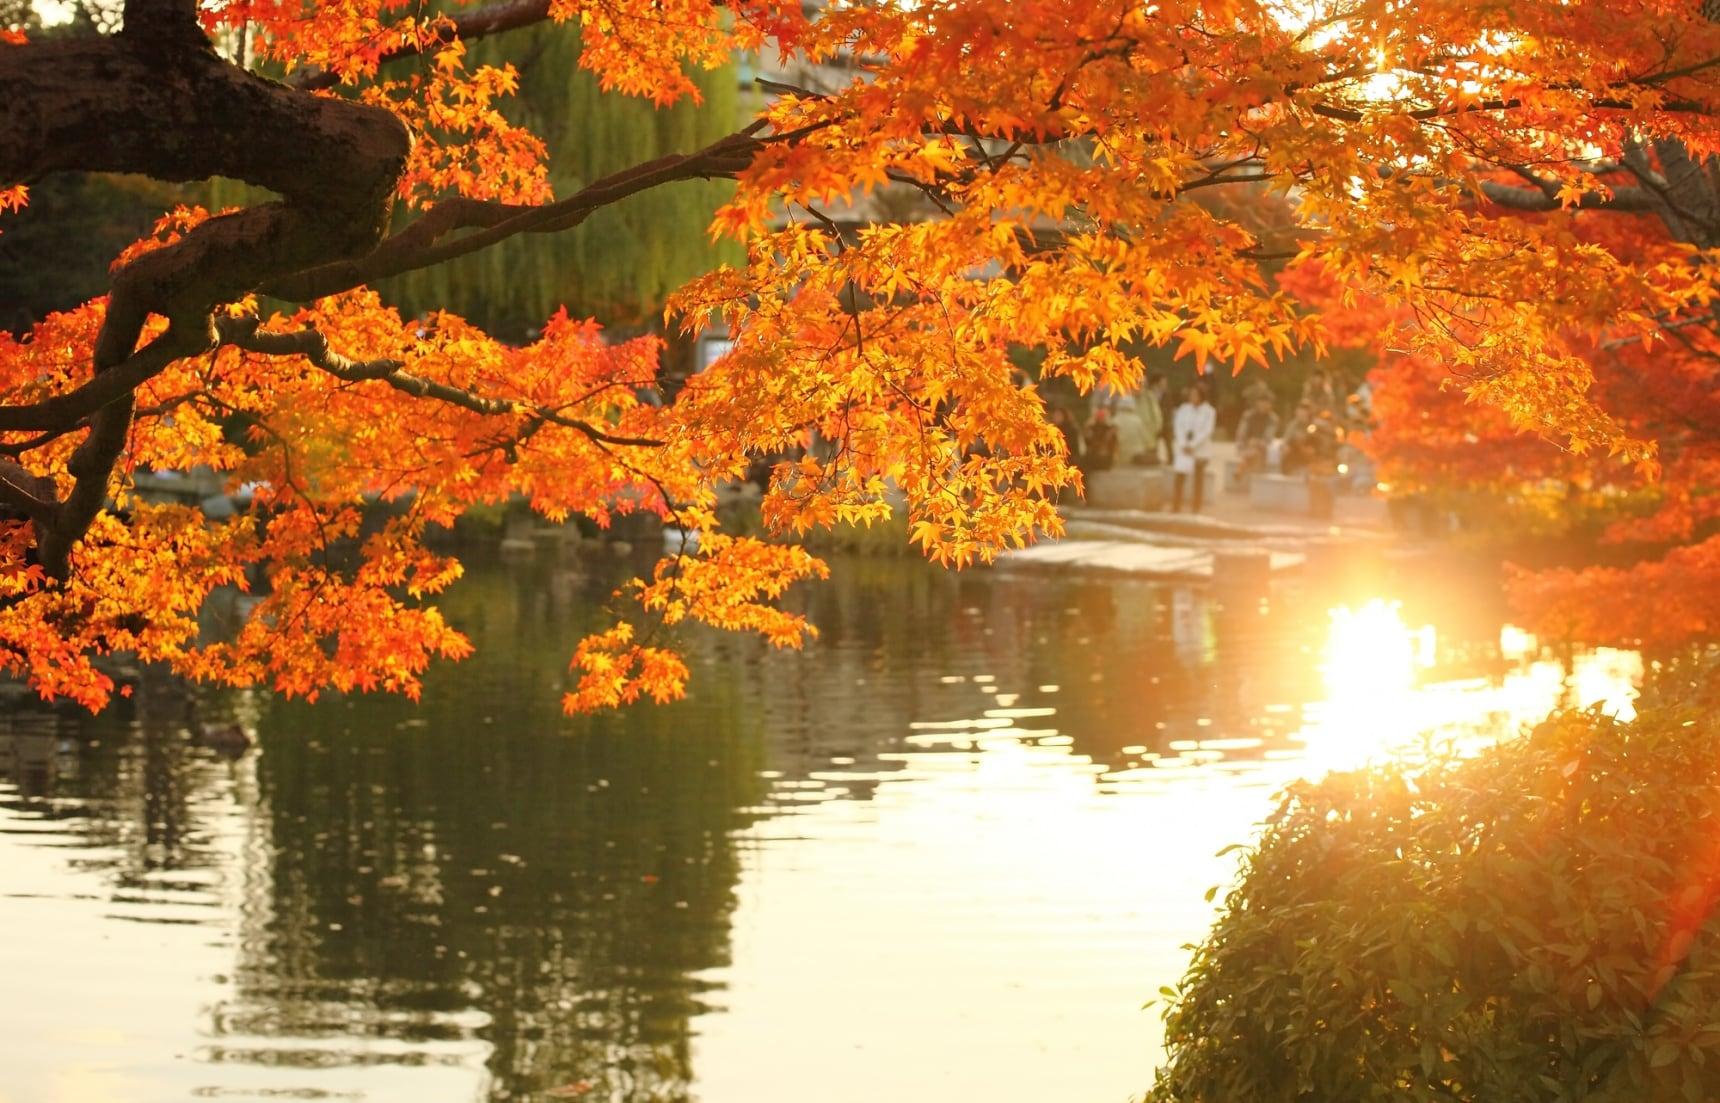 【北海道自由行】搭乘札幌地下鐵賞楓去!札幌市內必去四大紅葉景點